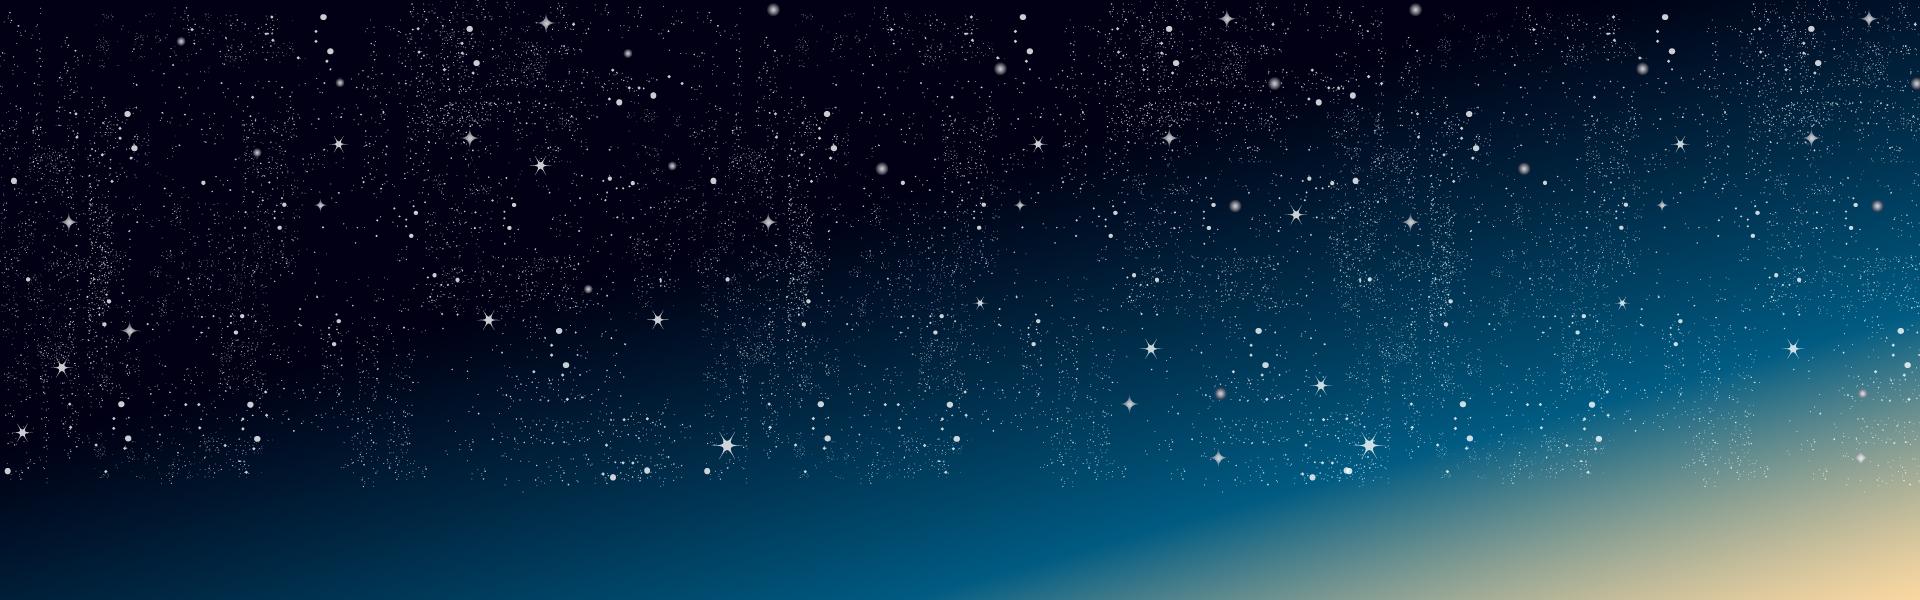 Estrellas-Burbujas-v9_web